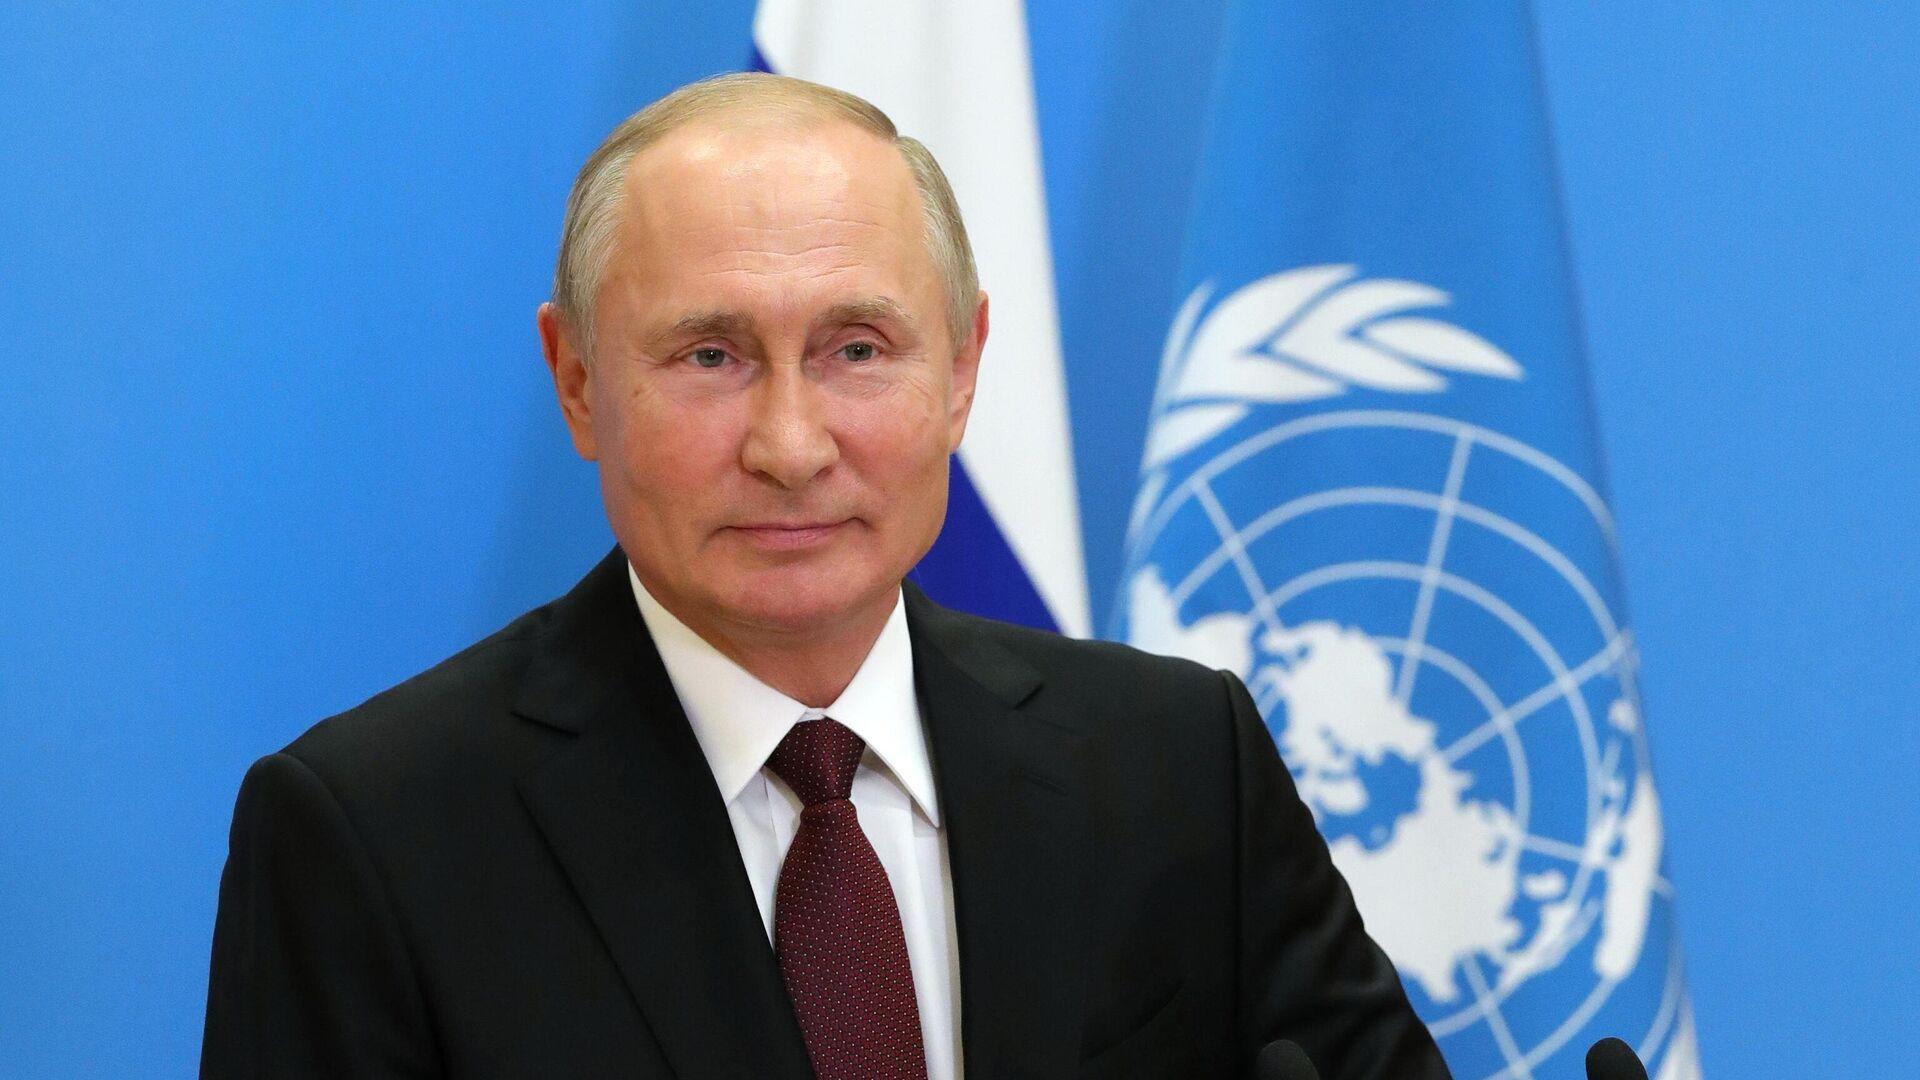 Президент РФ Владимир Путин во время выступления с видеообращением на 75-й сессии Генеральной ассамблеи Организации Объединенных Наций - РИА Новости, 1920, 23.09.2020